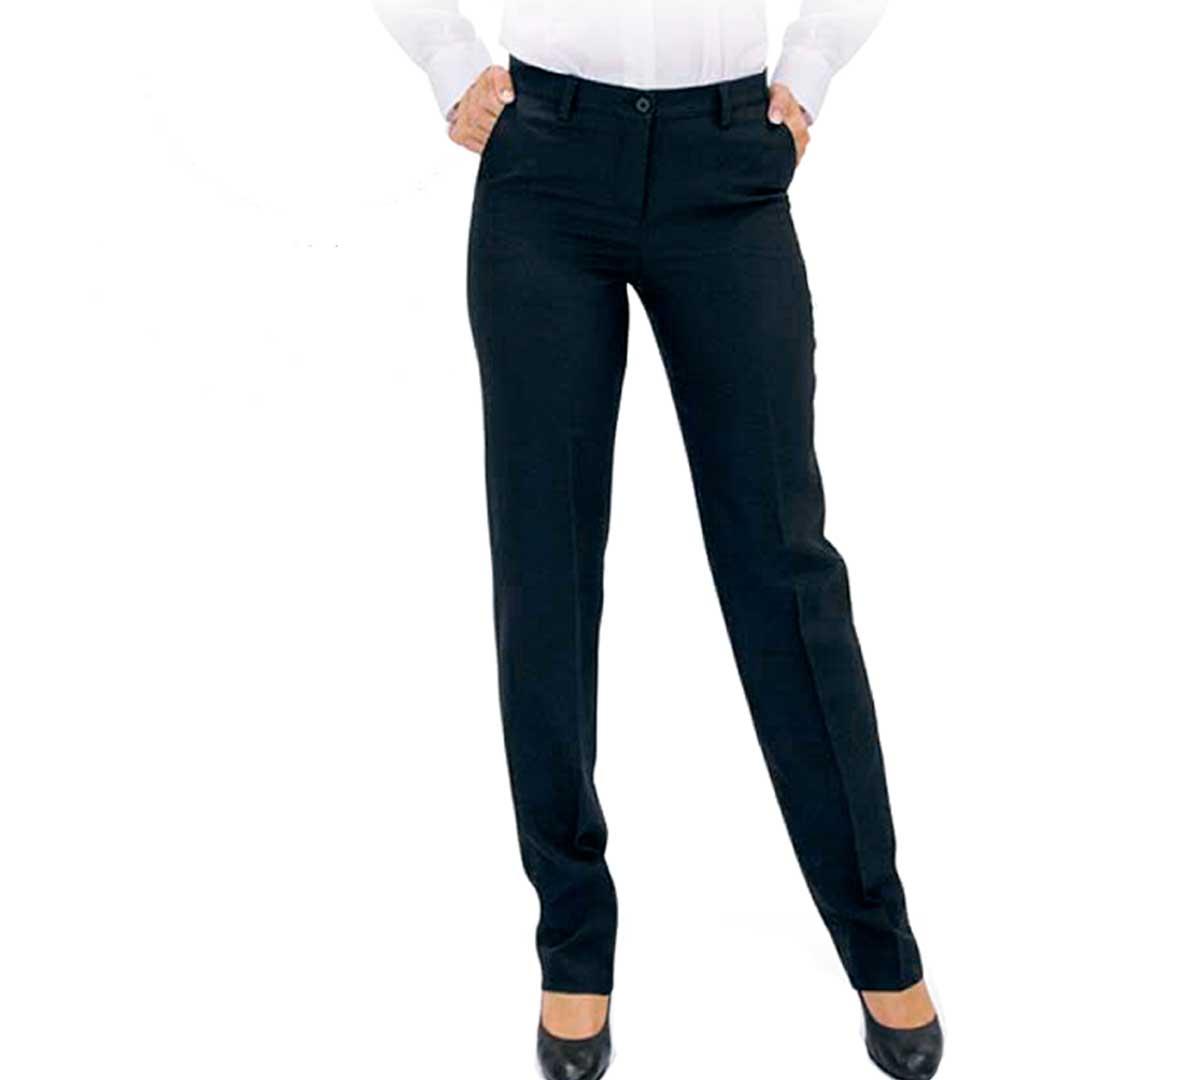 9b927980c5 ... Hostelería   Dacobel Pantalón Elástico de Mujer S-21 6173. Foto 1